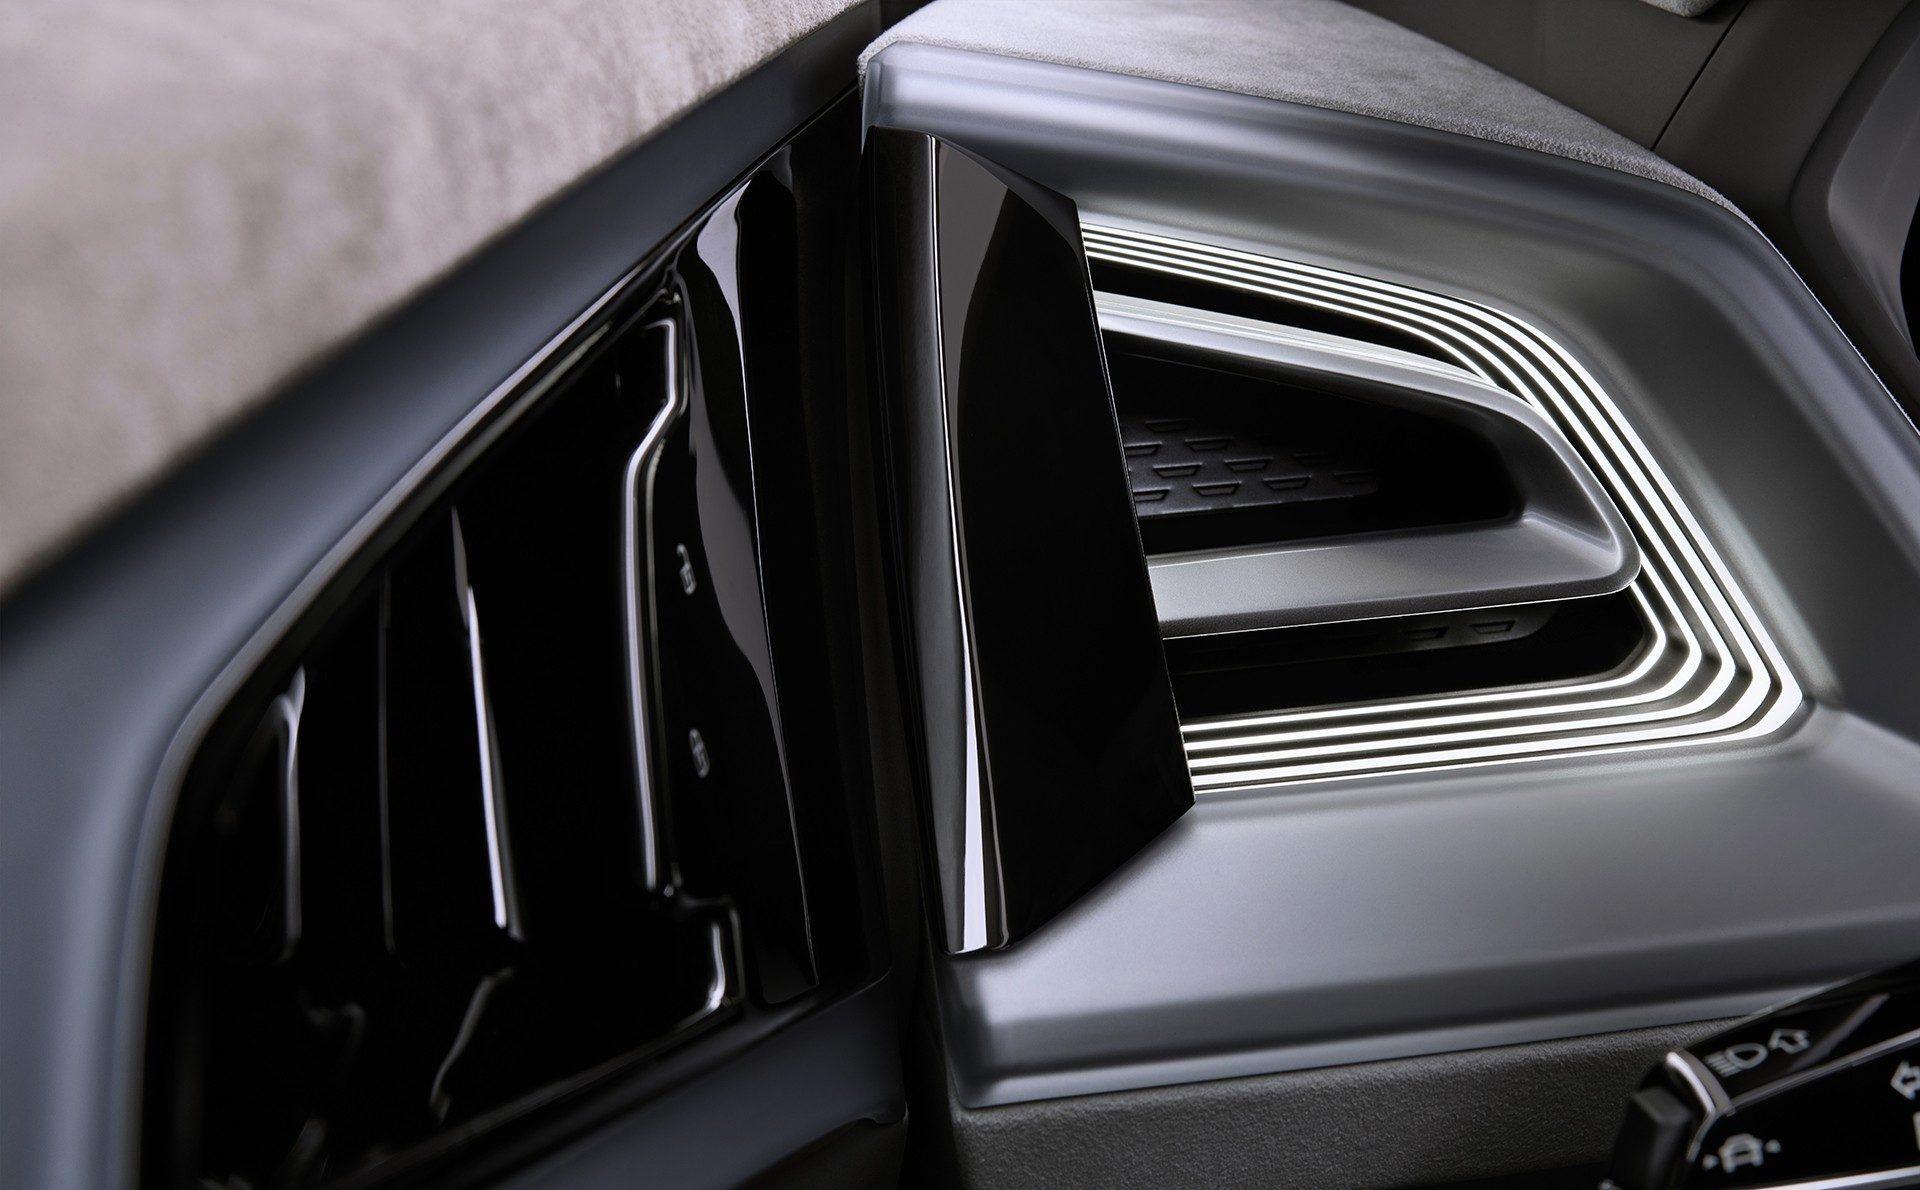 Audi Q4 eTron Concept Previews AllElectric